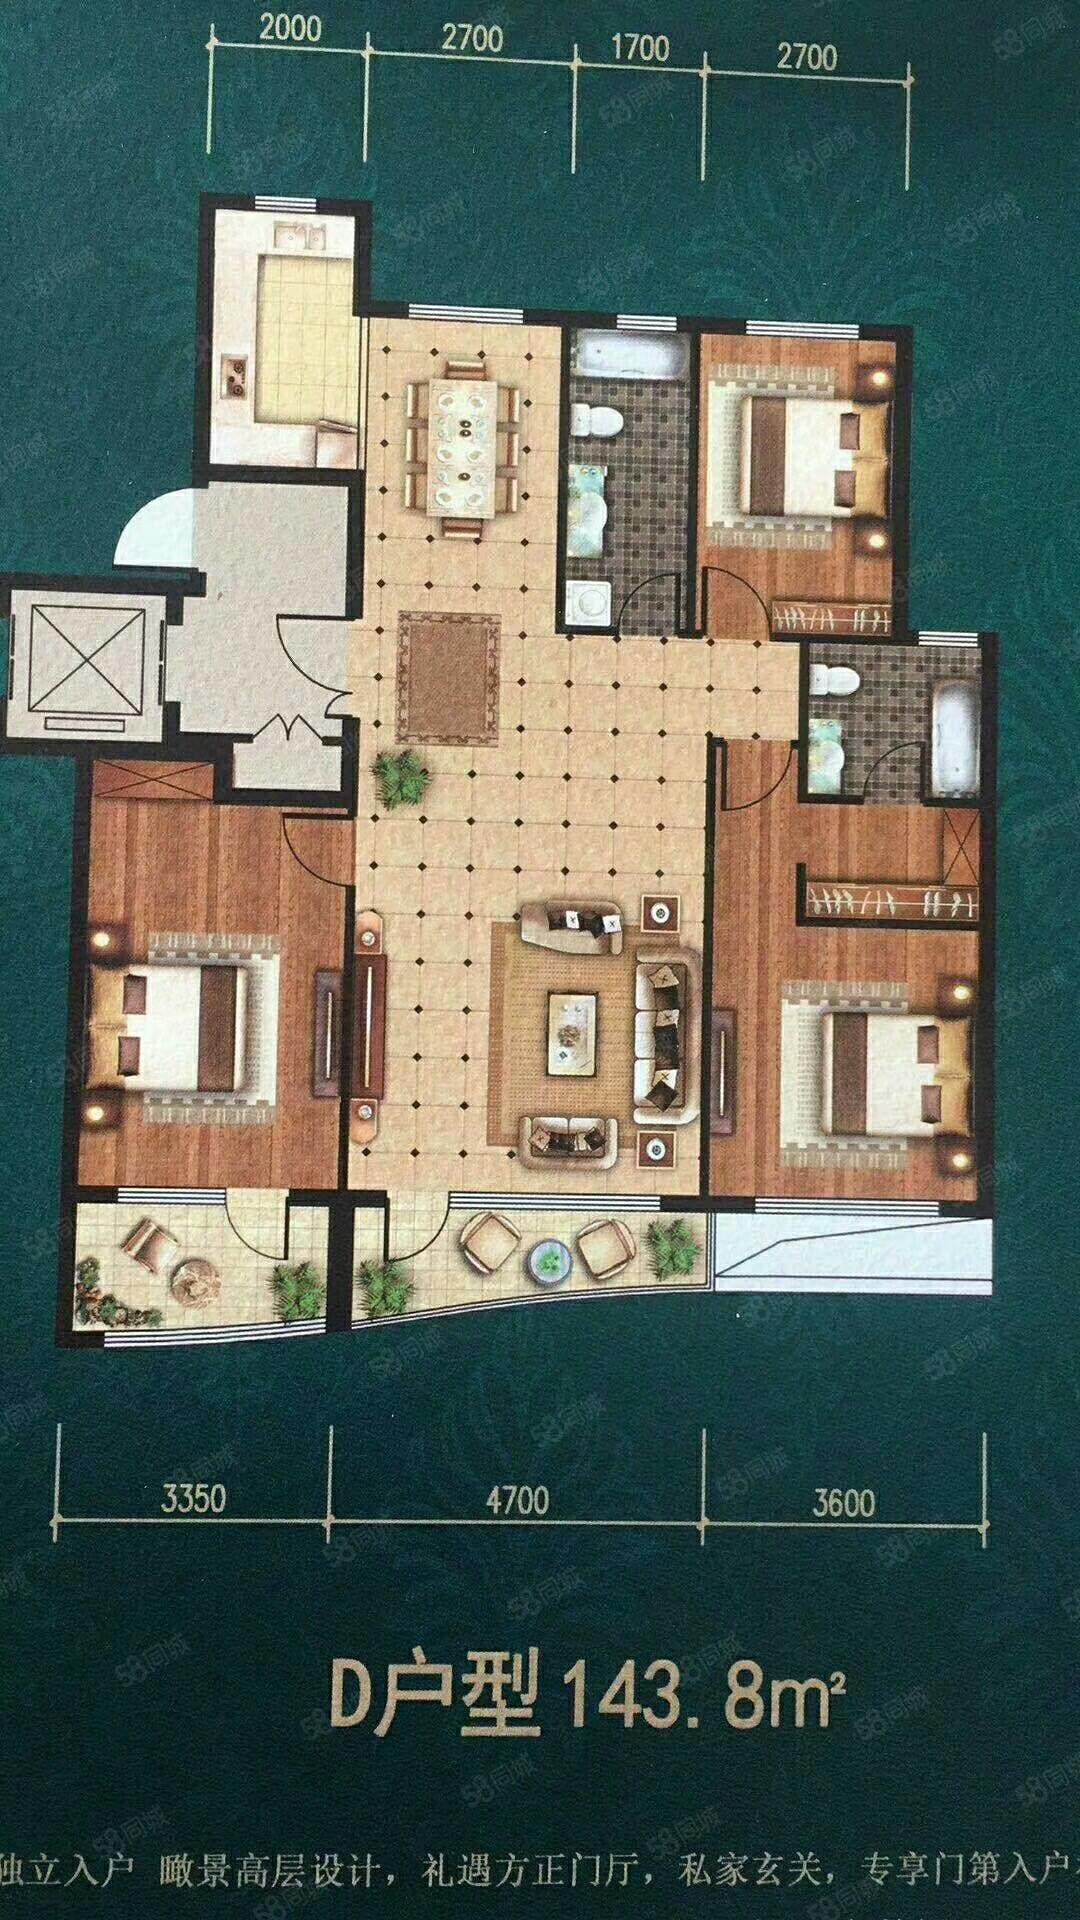 春佳林语1楼2楼3楼4楼5楼抹账房包更名能贷款